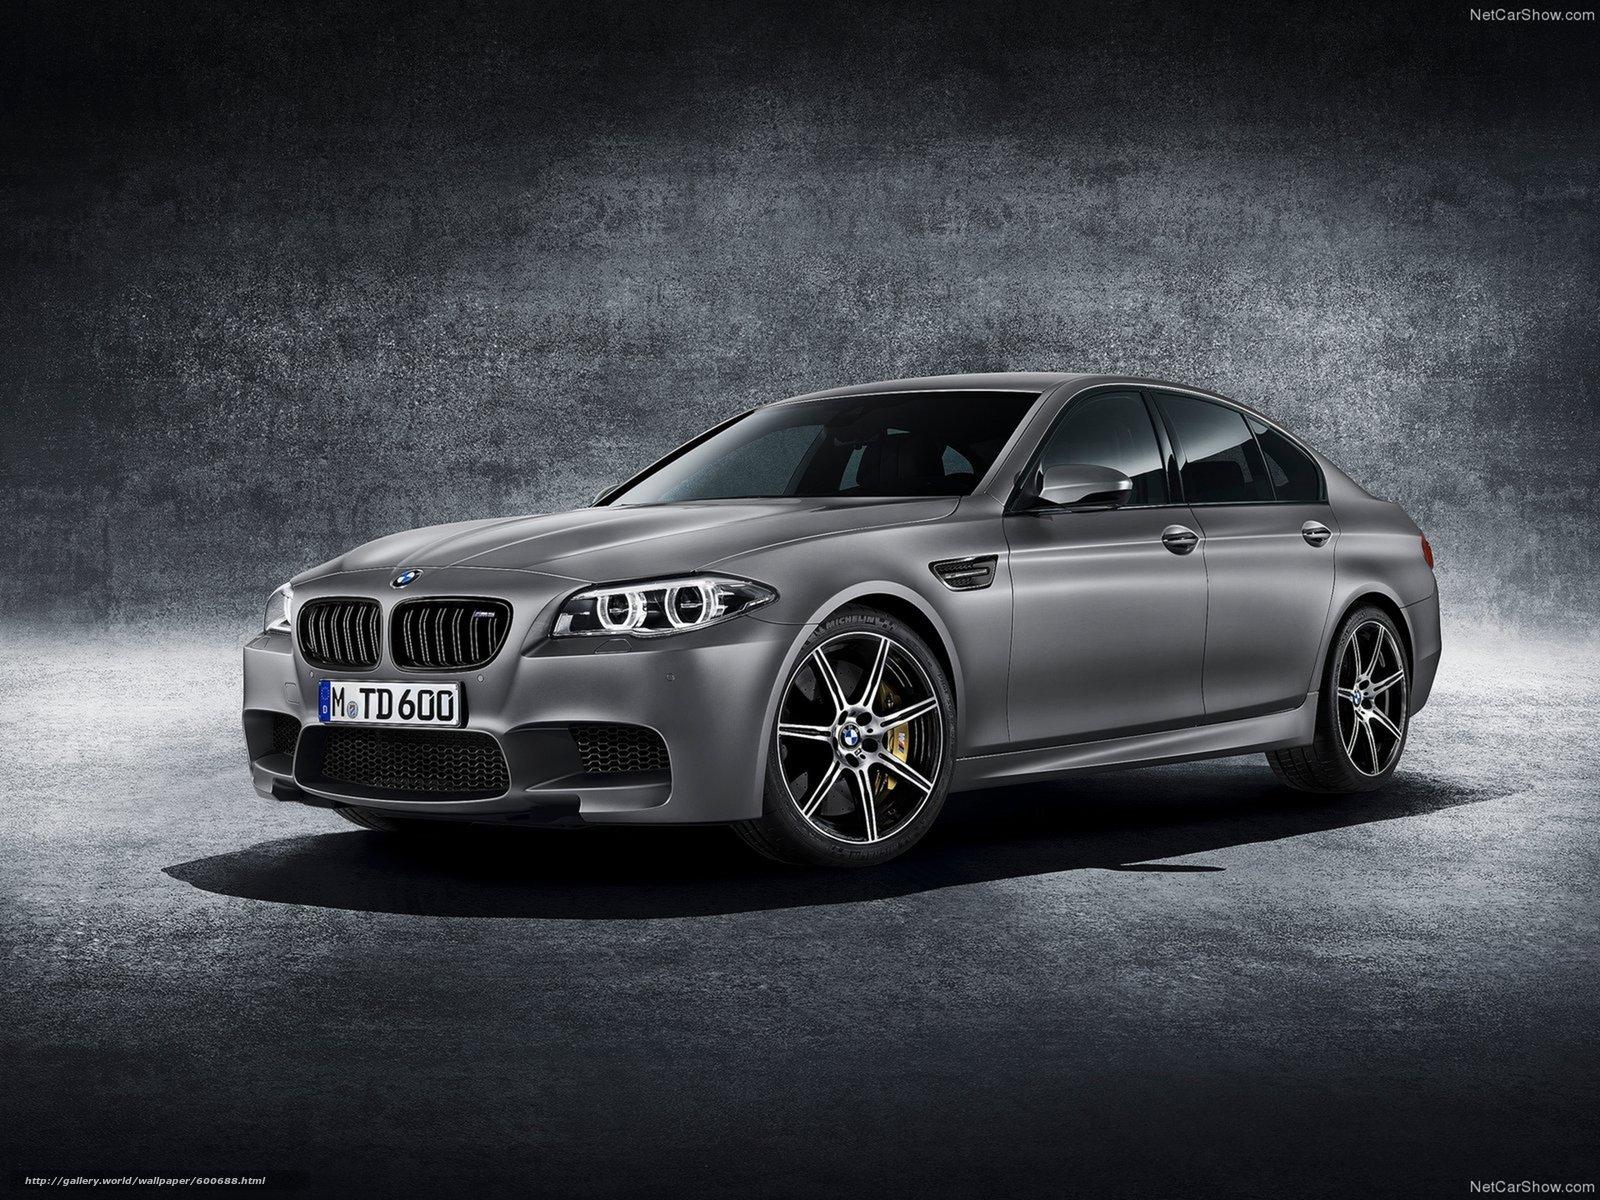 30th Anniversary Edition BMW M5 - специальное издания в честь 30-летия М5.